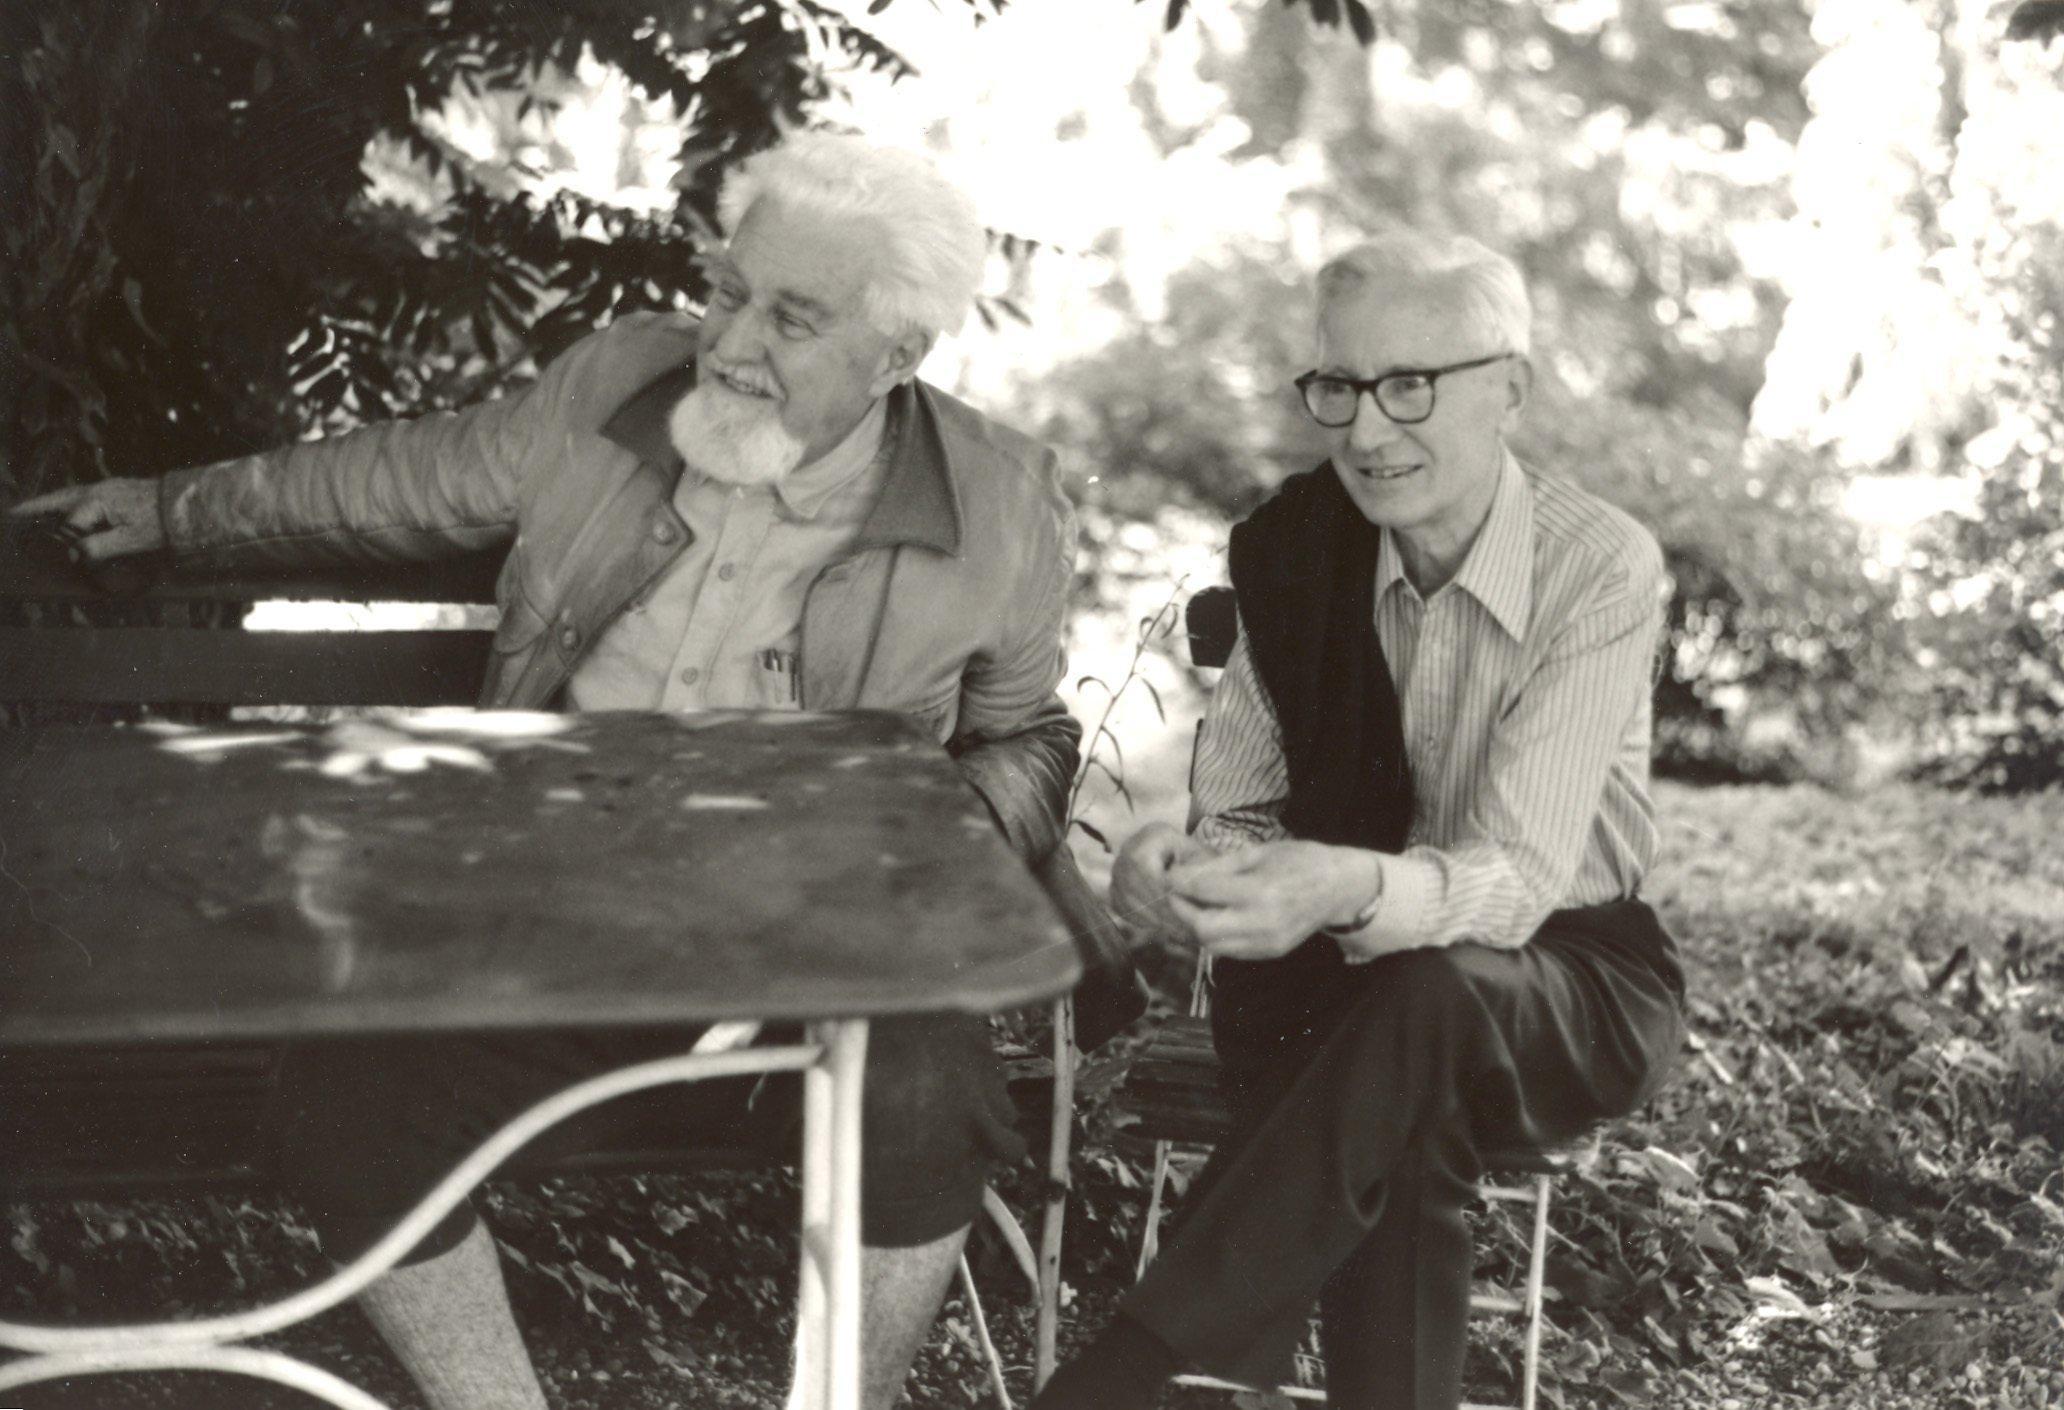 Das Bild zeigt die beiden Wissenschaftler Nikolaas Tinbergen und Konrad Lorenz in einem Garten an einem Tisch sitzend.